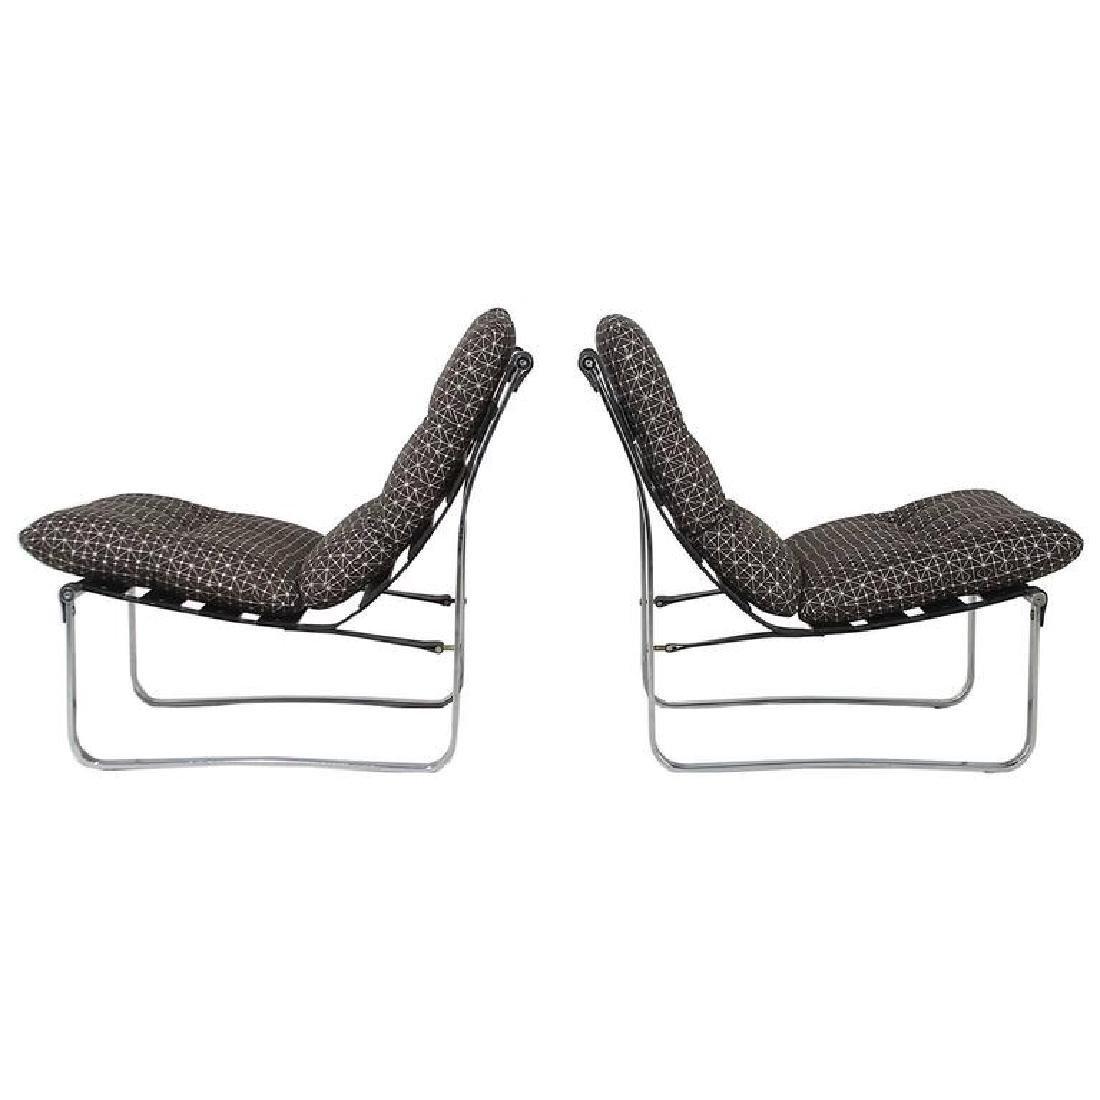 Ingmar Relling Lounge Chairs (2) - 4